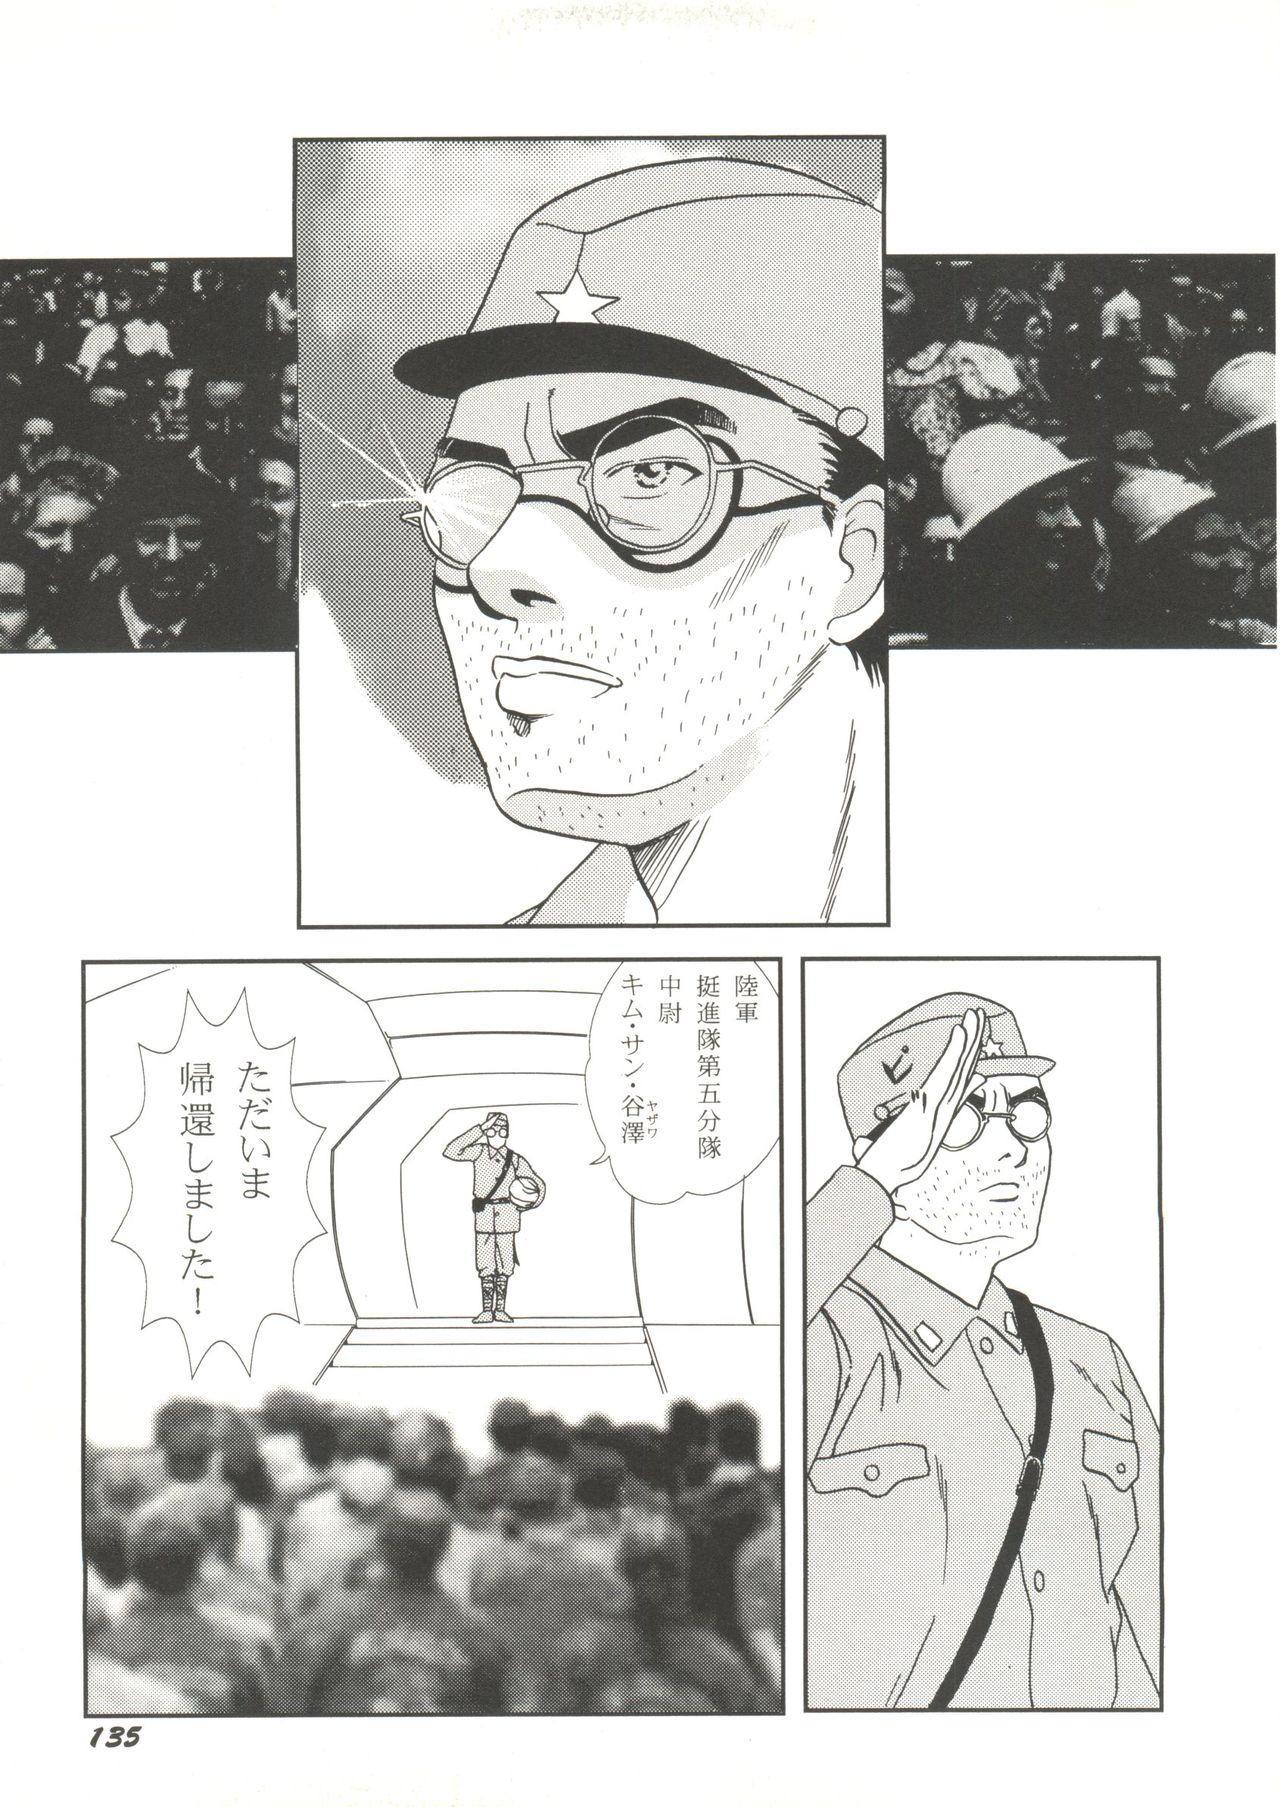 Doujin Anthology Bishoujo a La Carte 1 136